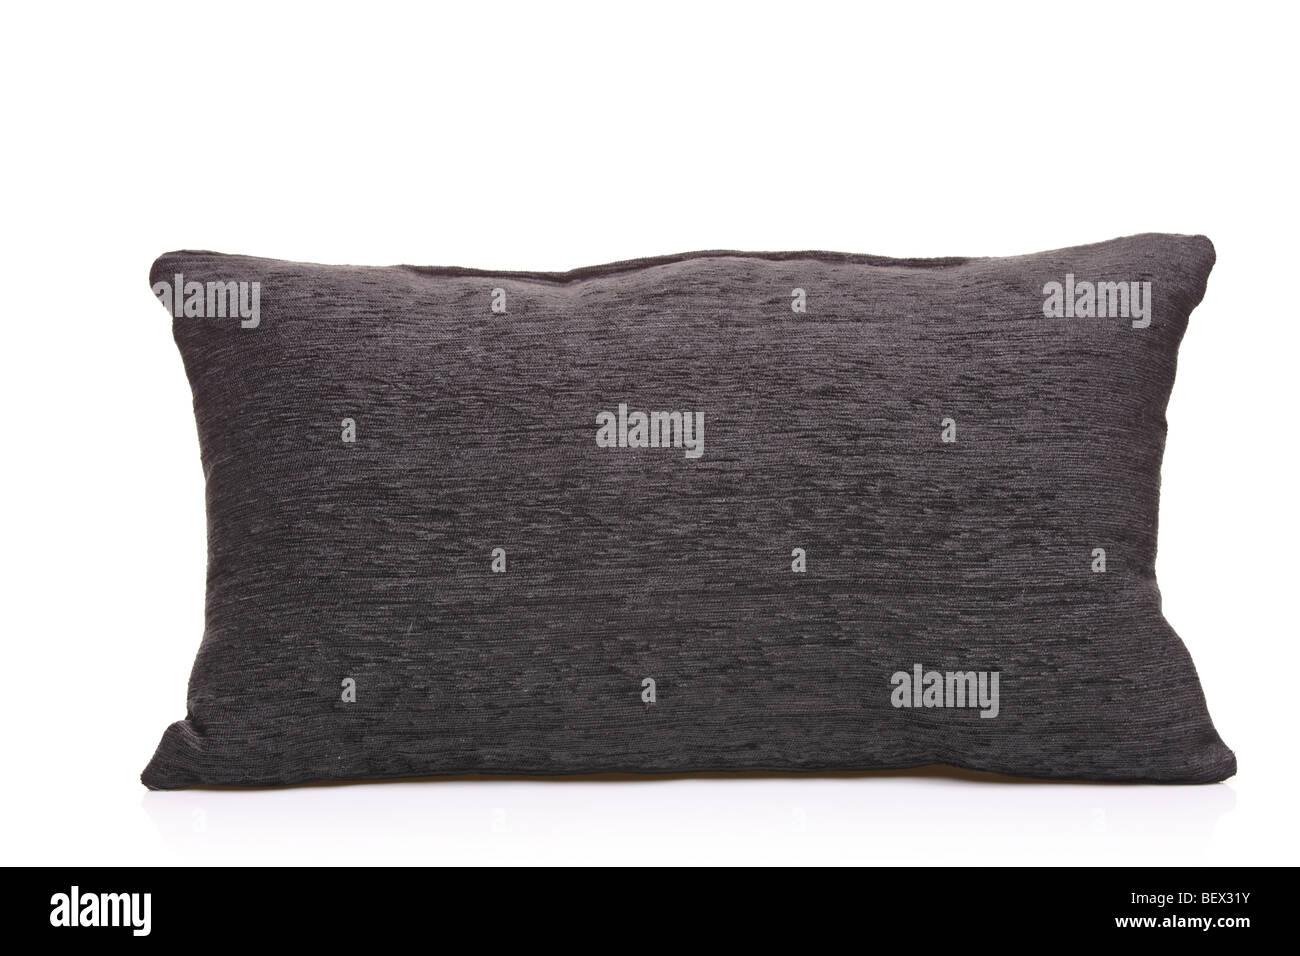 Schwarzes Leder Kissen isoliert auf weißem Hintergrund Stockbild